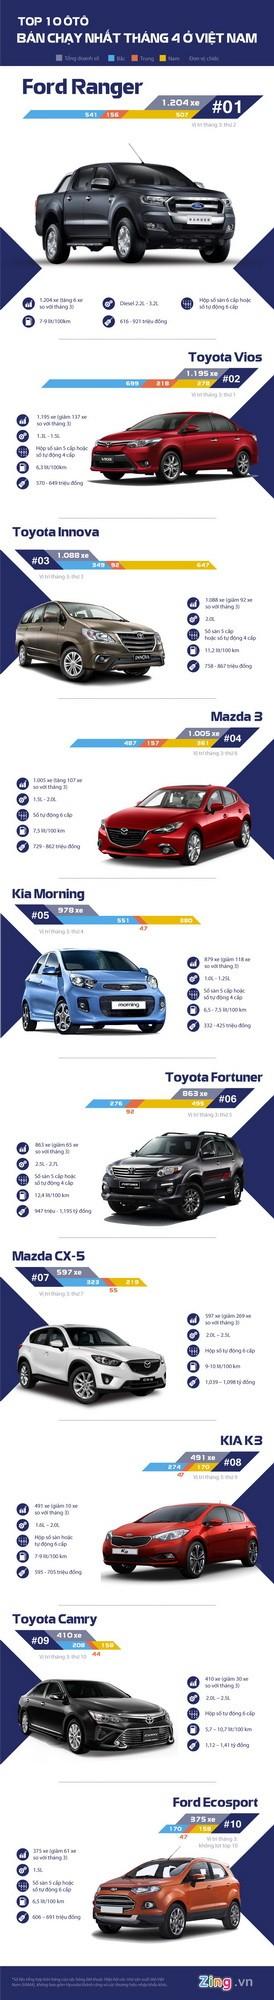 Top 10 ô tô bán chạy nhất tháng 4 ở Việt Nam - ảnh 2